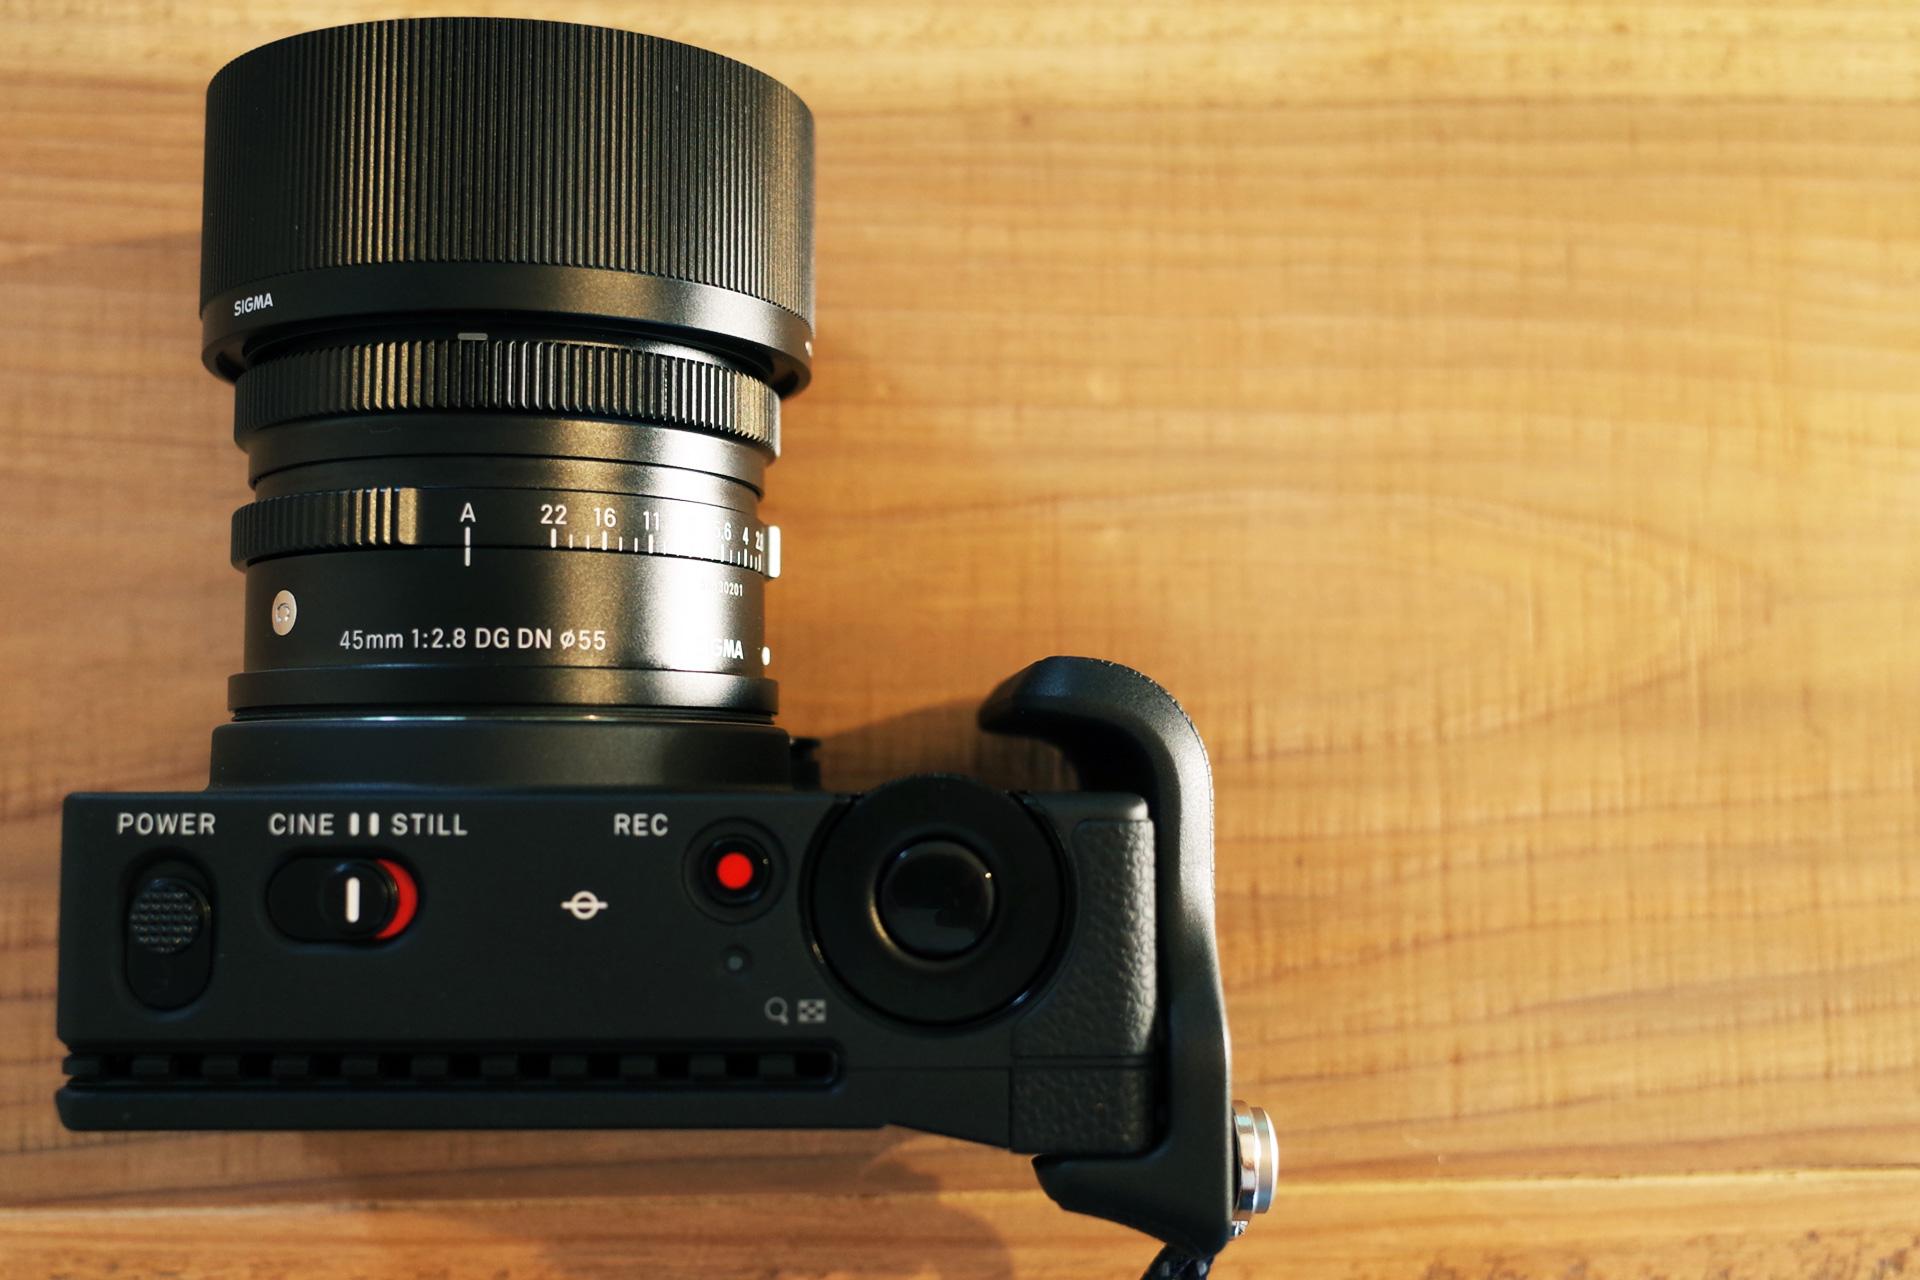 世界最小最軽量!携帯性抜群のフルサイズミラーレス一眼カメラ「シグマ SIGMA fp」